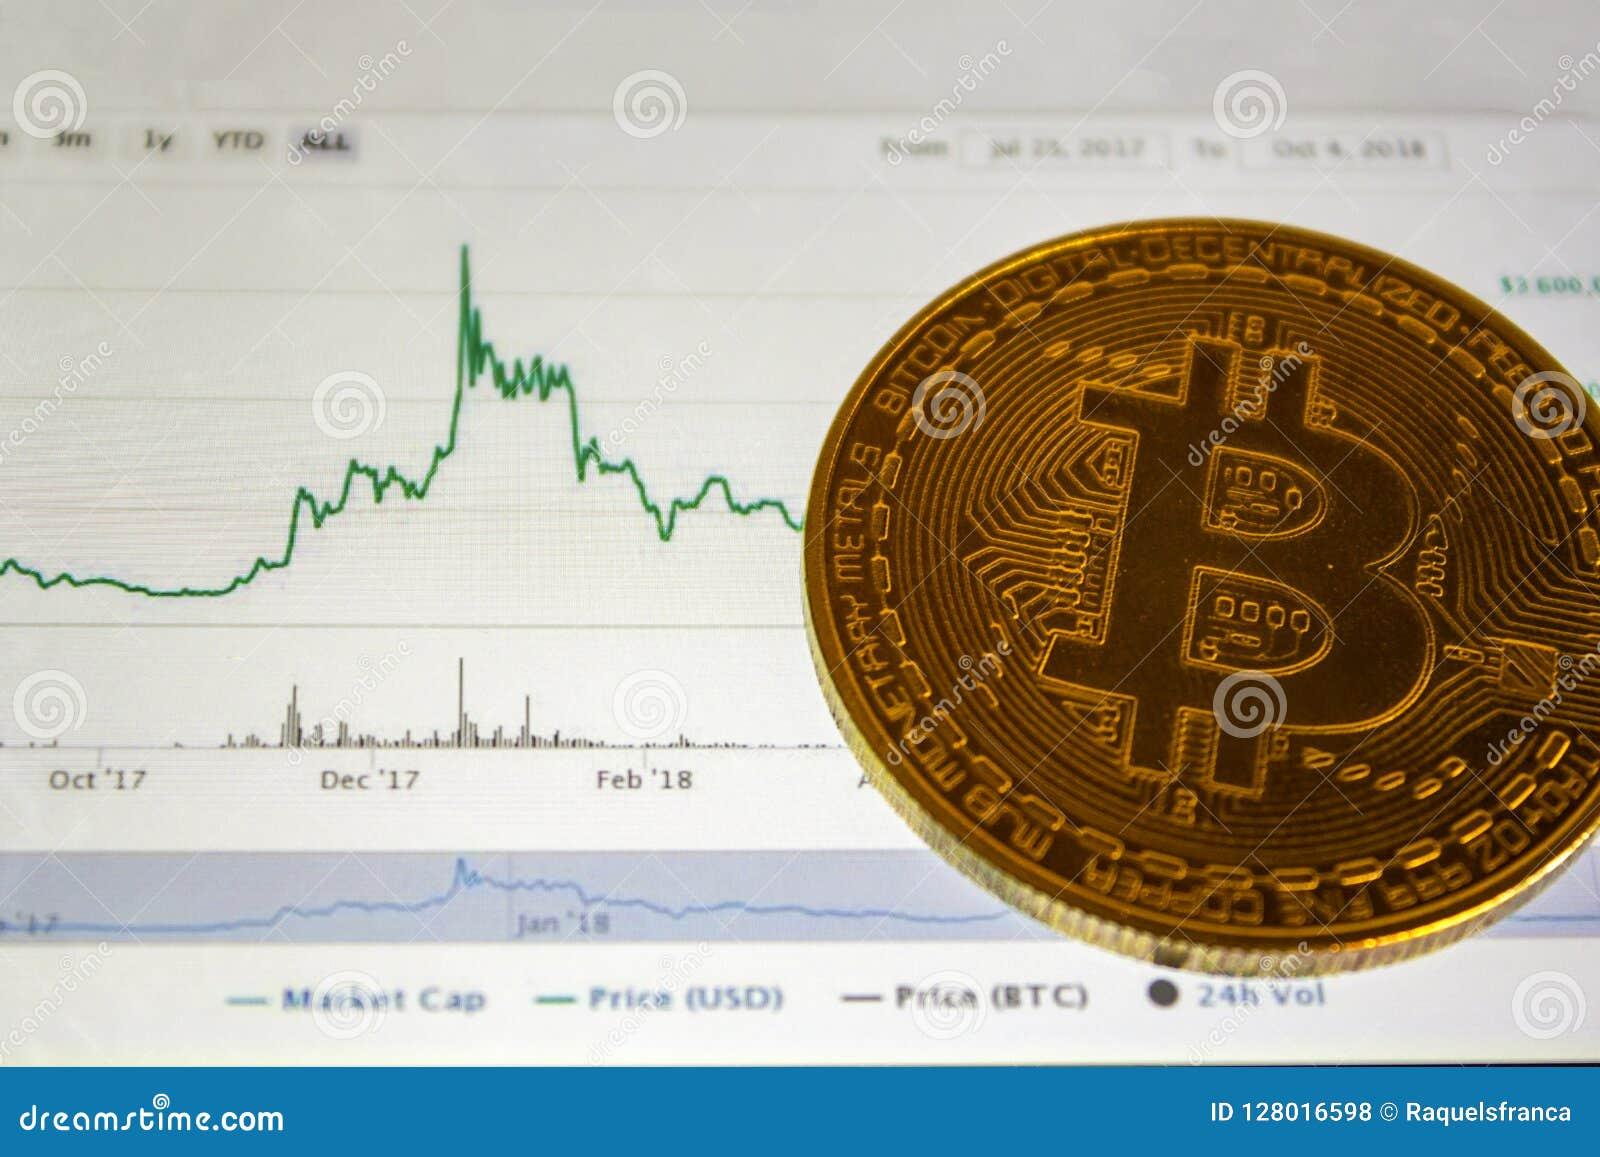 coin exchange market cap